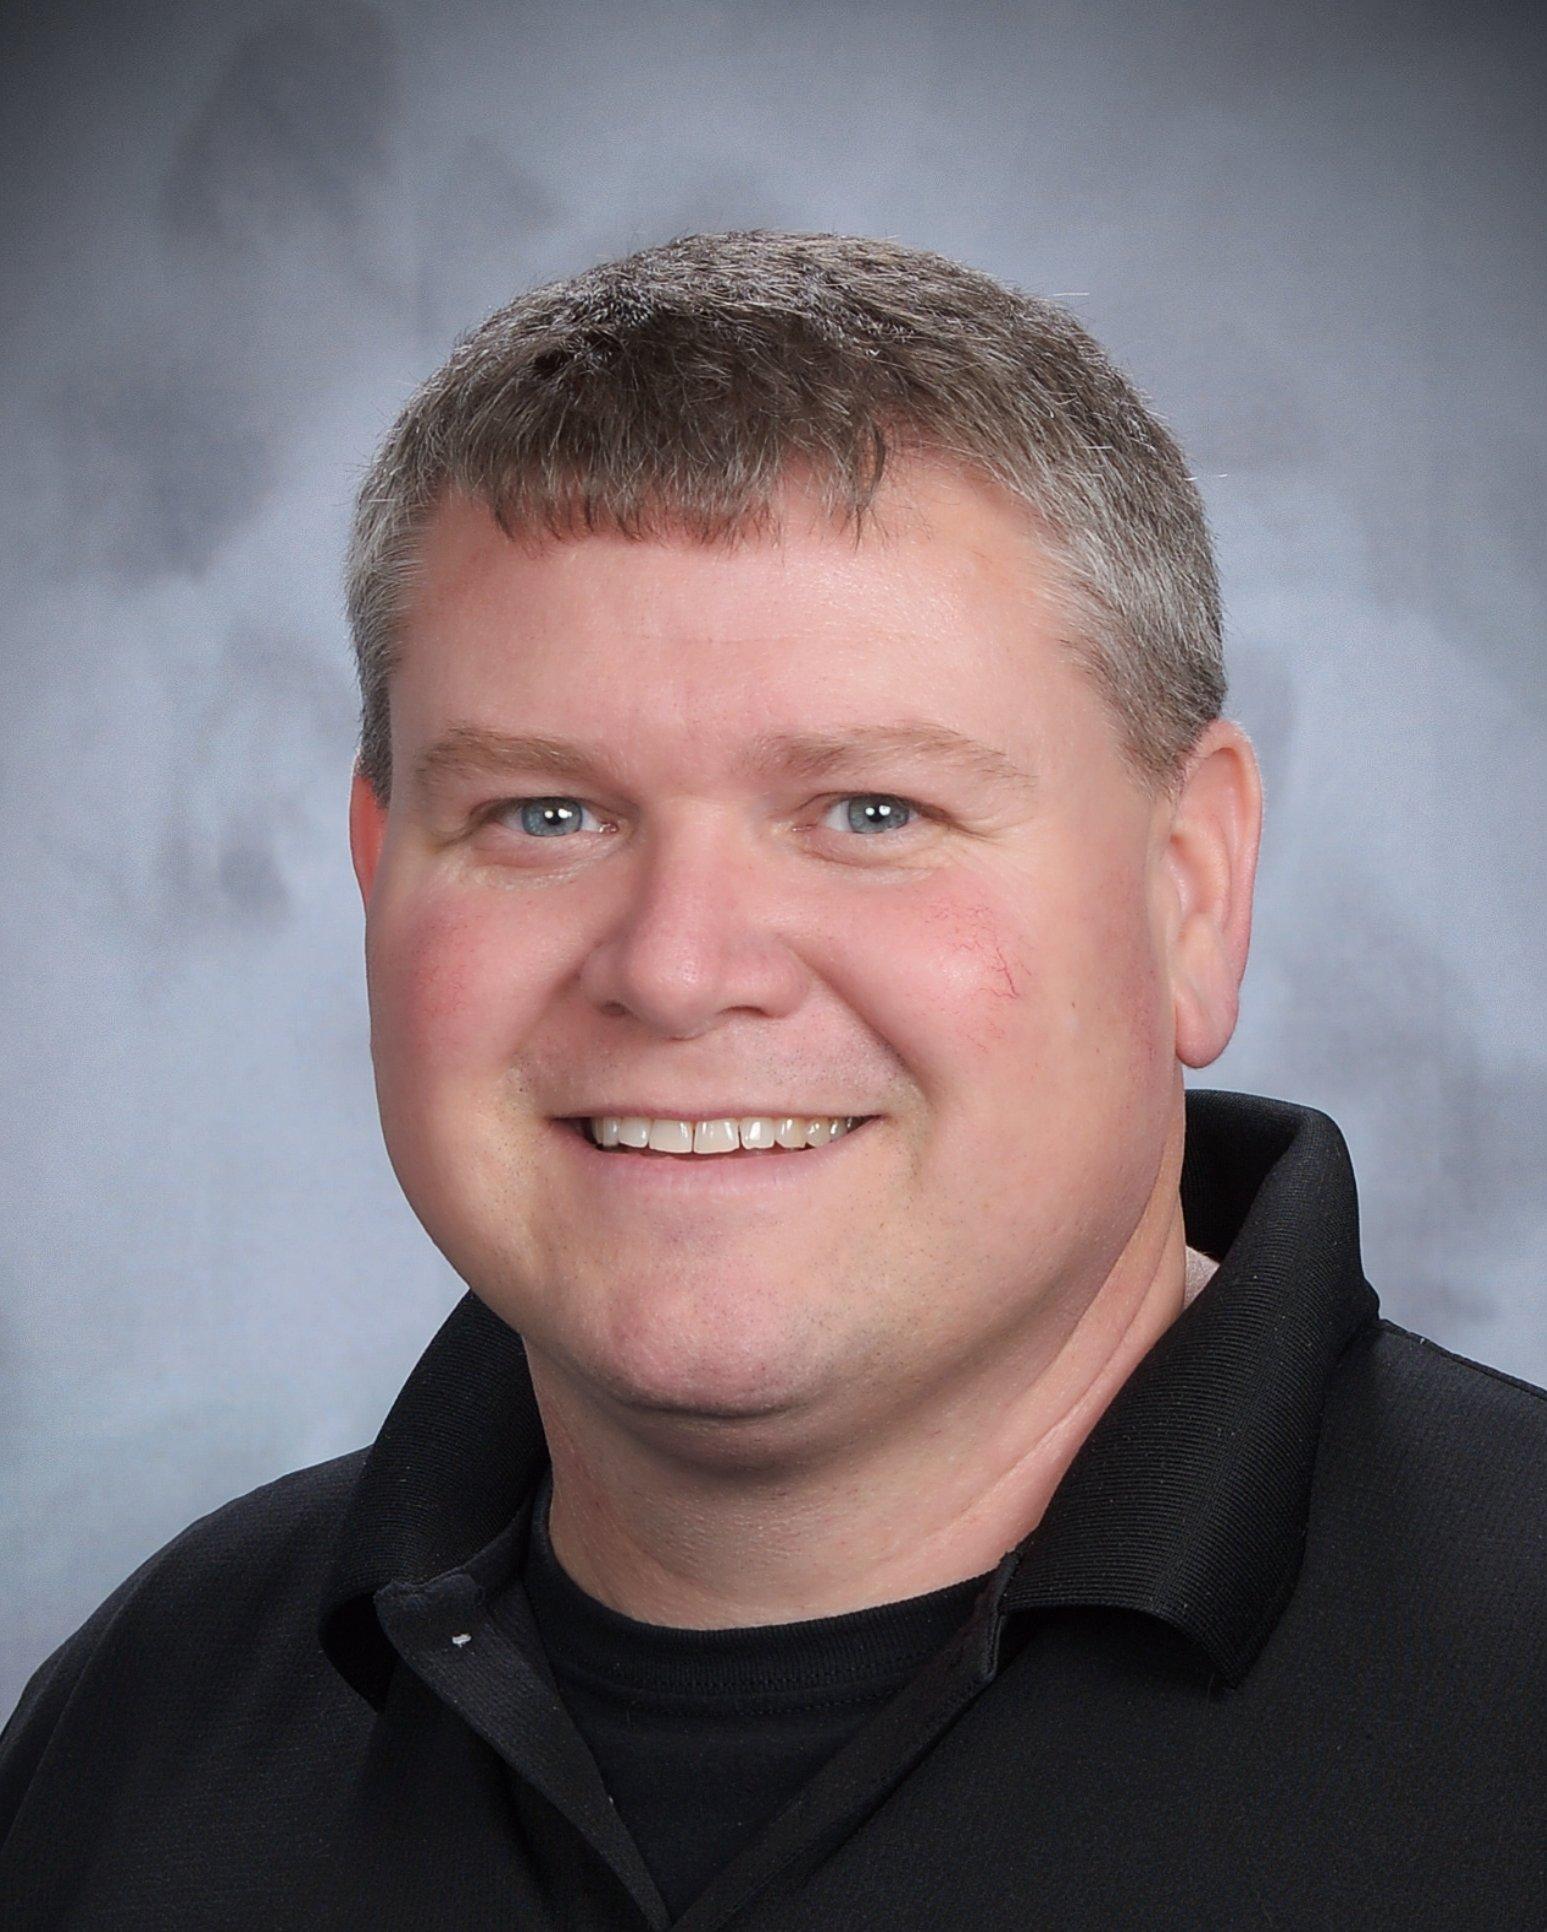 Darren Berschauer - Service Drive Manager